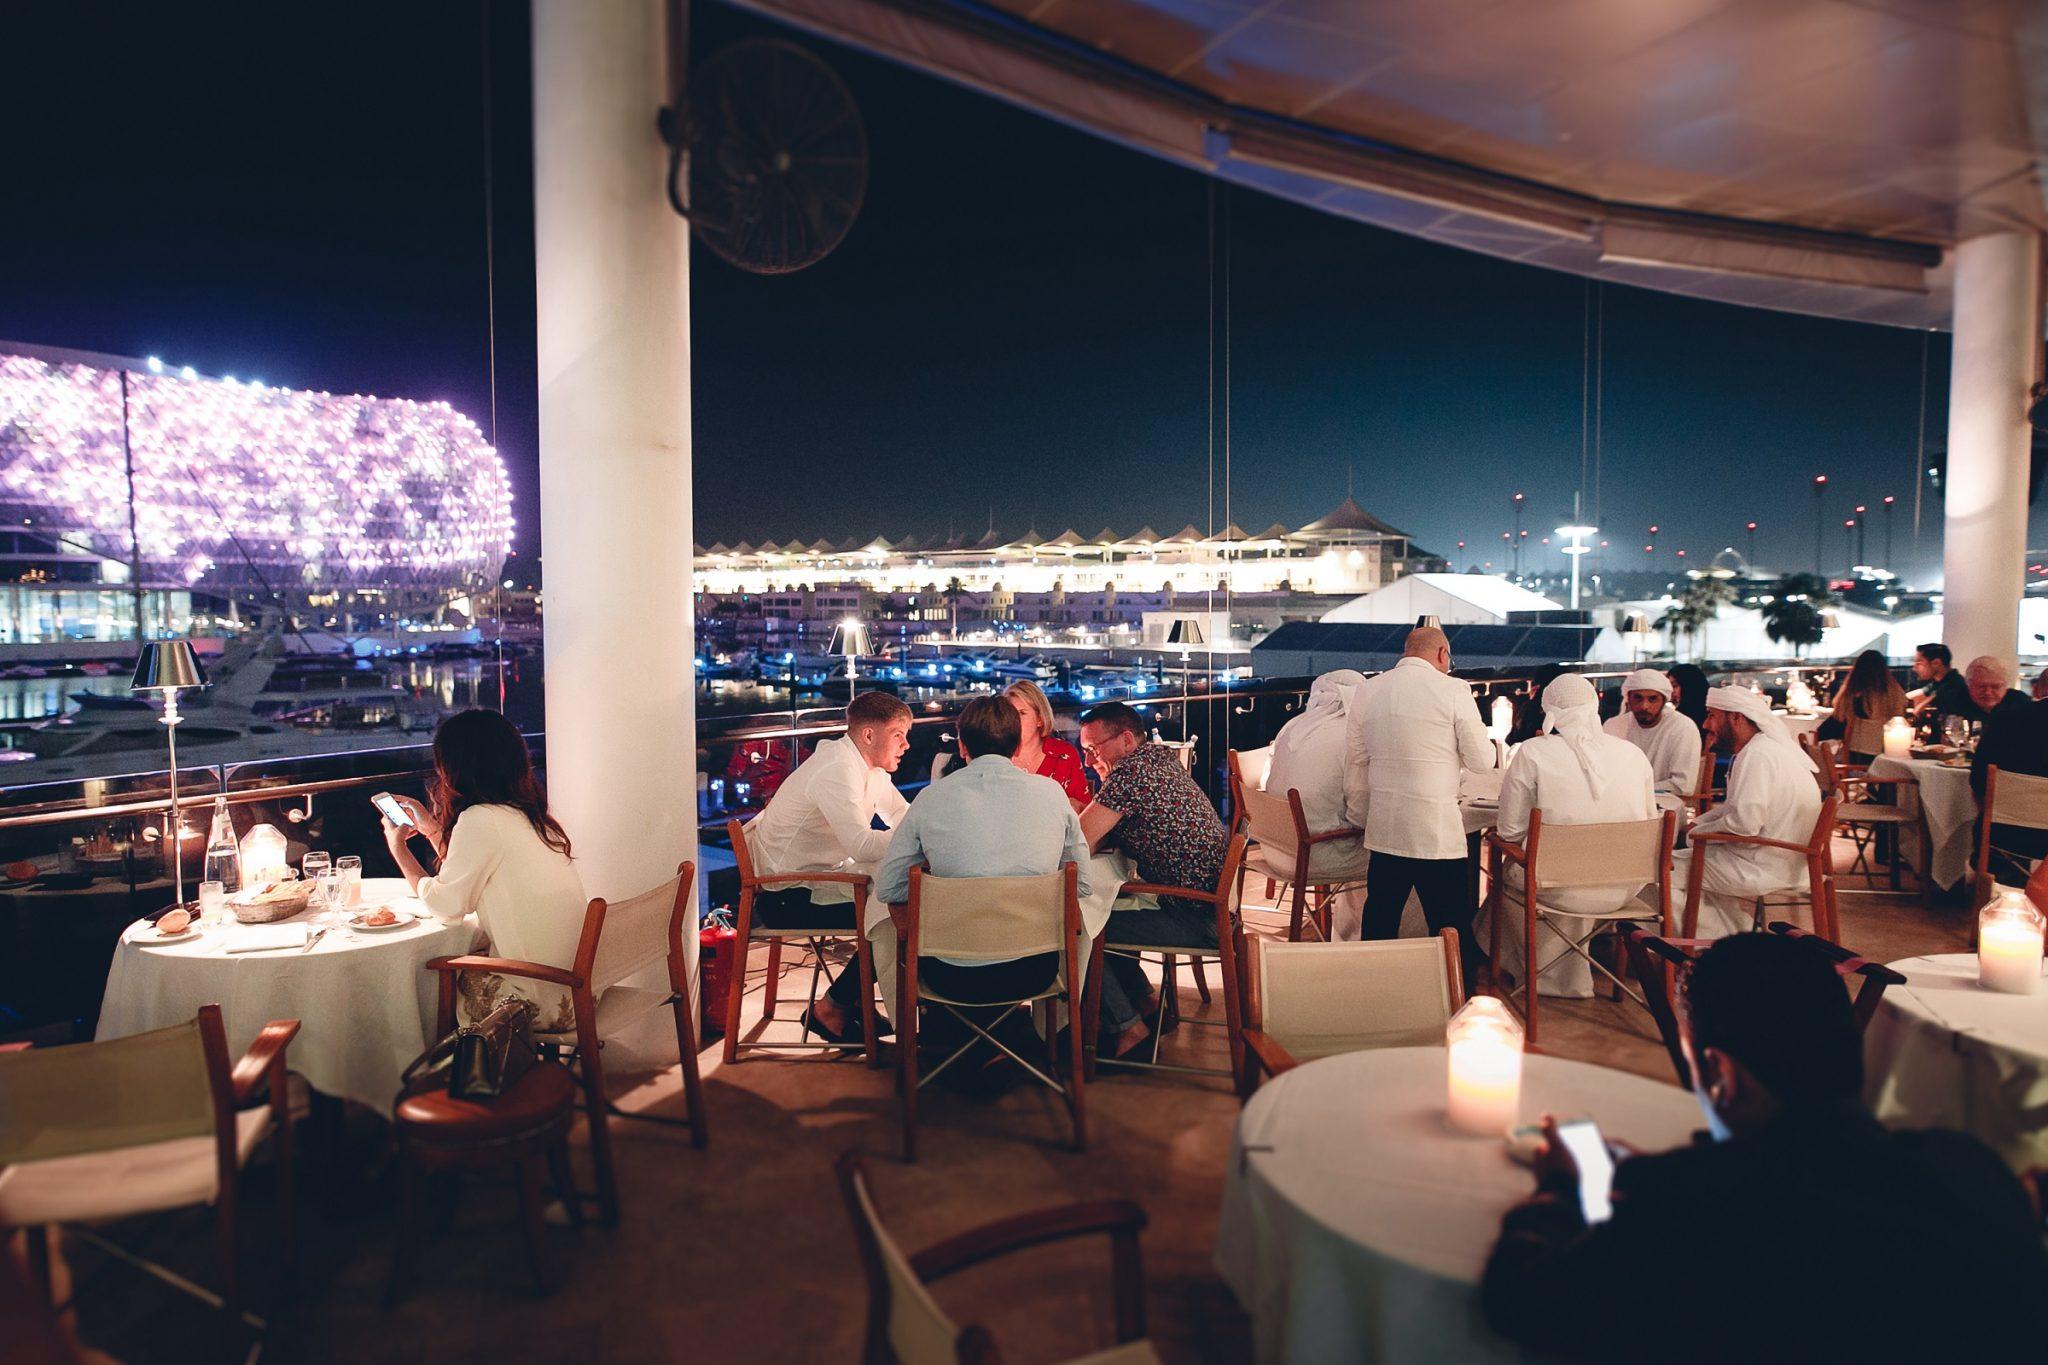 ضيوف سباق الفورمولا 1 في أبوظبي